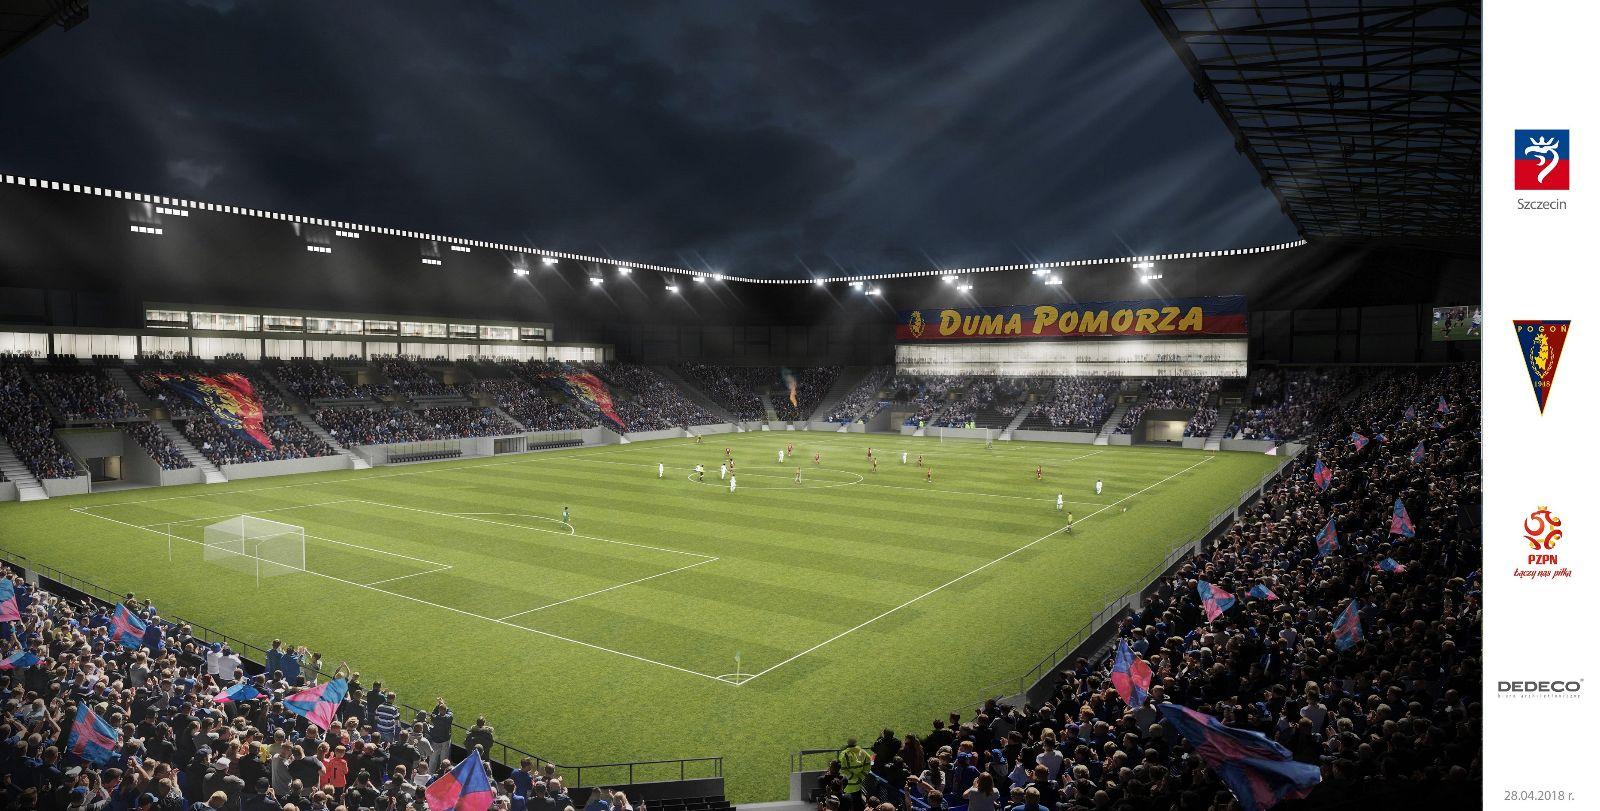 Stadion Miejski wSzczecinie